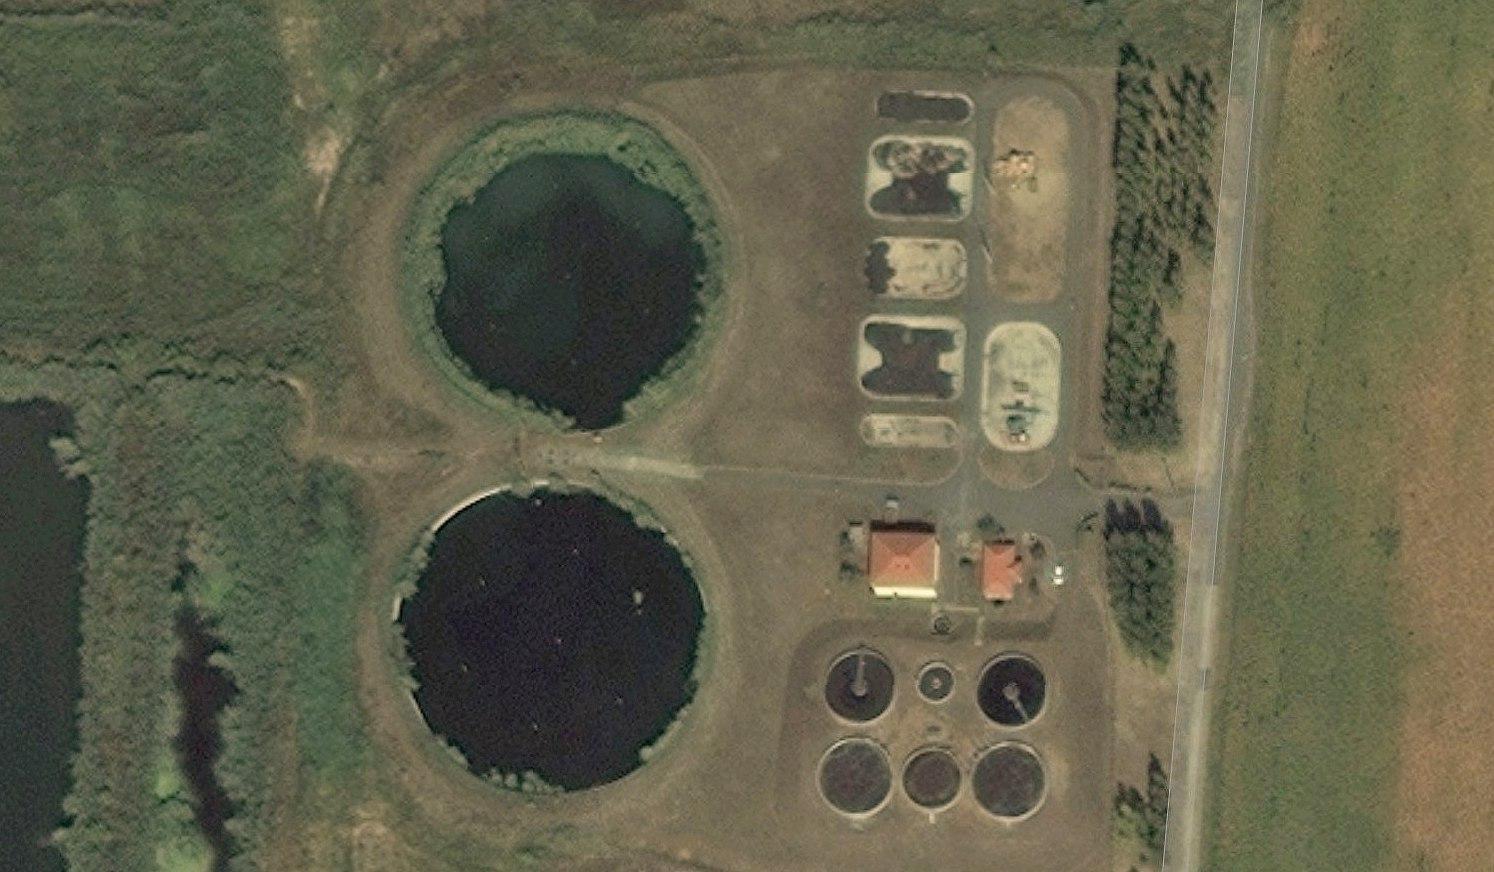 szennyvíz fertőtlenítése a szennyvíztisztító telepeken